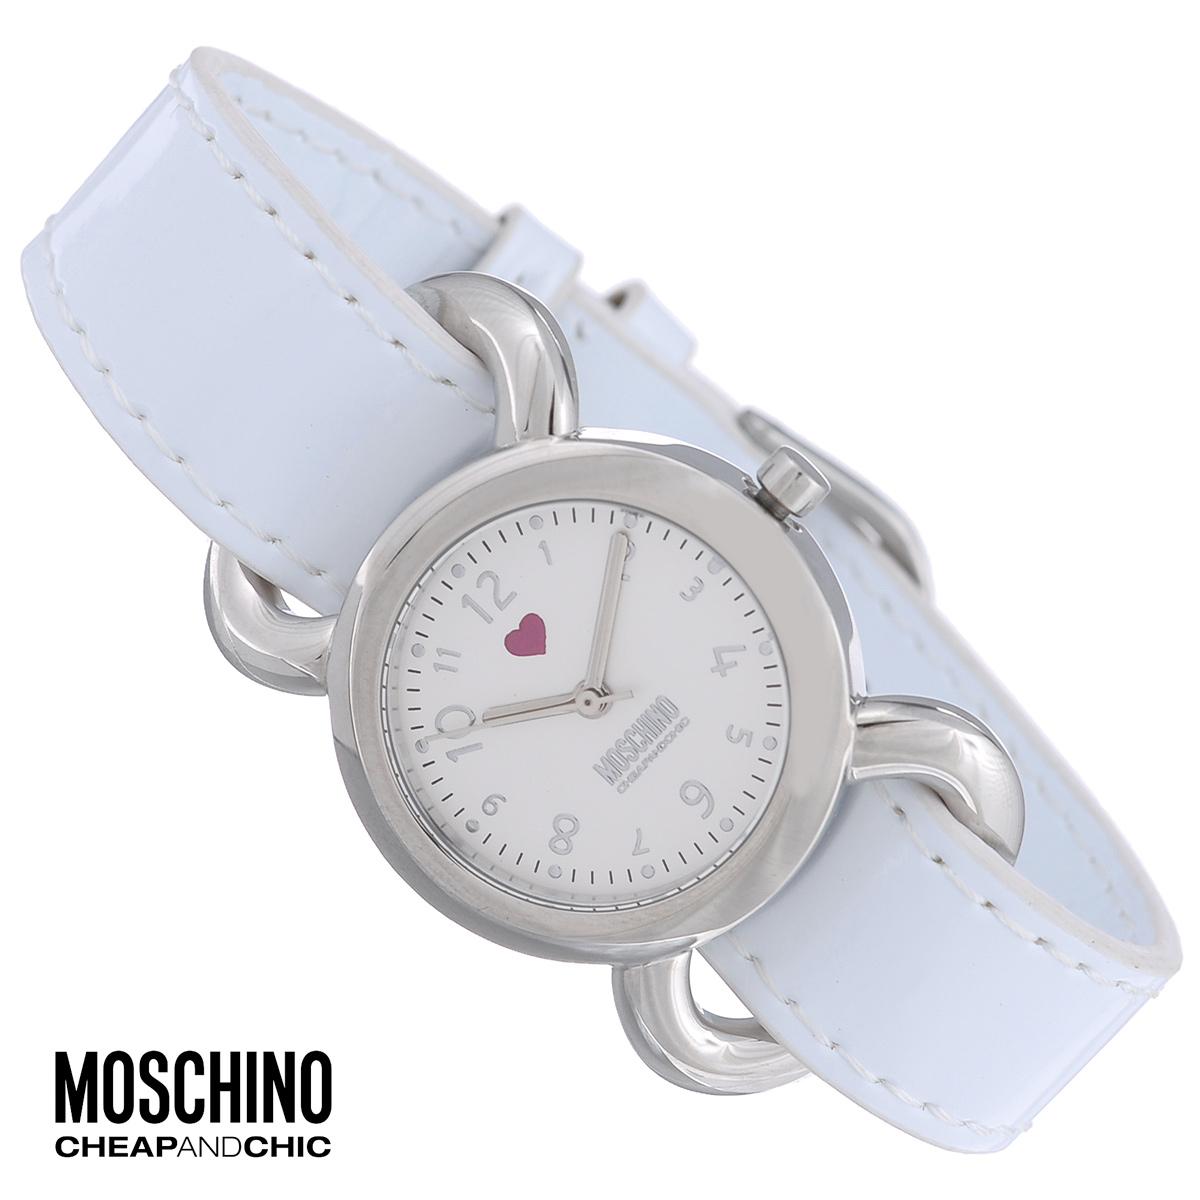 Часы женские наручные Moschino, цвет: белый. MW0299MW0299Наручные часы от известного итальянского бренда Moschino - это не только стильный и функциональный аксессуар, но и современные технологи, сочетающиеся с экстравагантным дизайном и индивидуальностью. Часы Moschino оснащены кварцевым механизмом. Корпус круглой формы выполнен из высококачественной нержавеющей стали. Циферблат с арабскими цифрами оформлен миниатюрным сердечком и защищен минеральным стеклом. Часы имеют три стрелки - часовую, минутную и секундную. Ремешок часов выполнен из искусственной лаковой кожи и оснащен классической застежкой. Благодаря уникальному дизайну корпуса, часы можно носить на шее как кулон. В комплекте чехол в форме сердца. Часы упакованы в фирменную металлическую коробку с логотипом бренда. Часы Moschino благодаря своему уникальному дизайну отличаются от часов других марок своеобразными циферблатами, функциональностью, а также набором уникальных технических свойств. Каждой модели присуща легкая экстравагантность, самобытность...